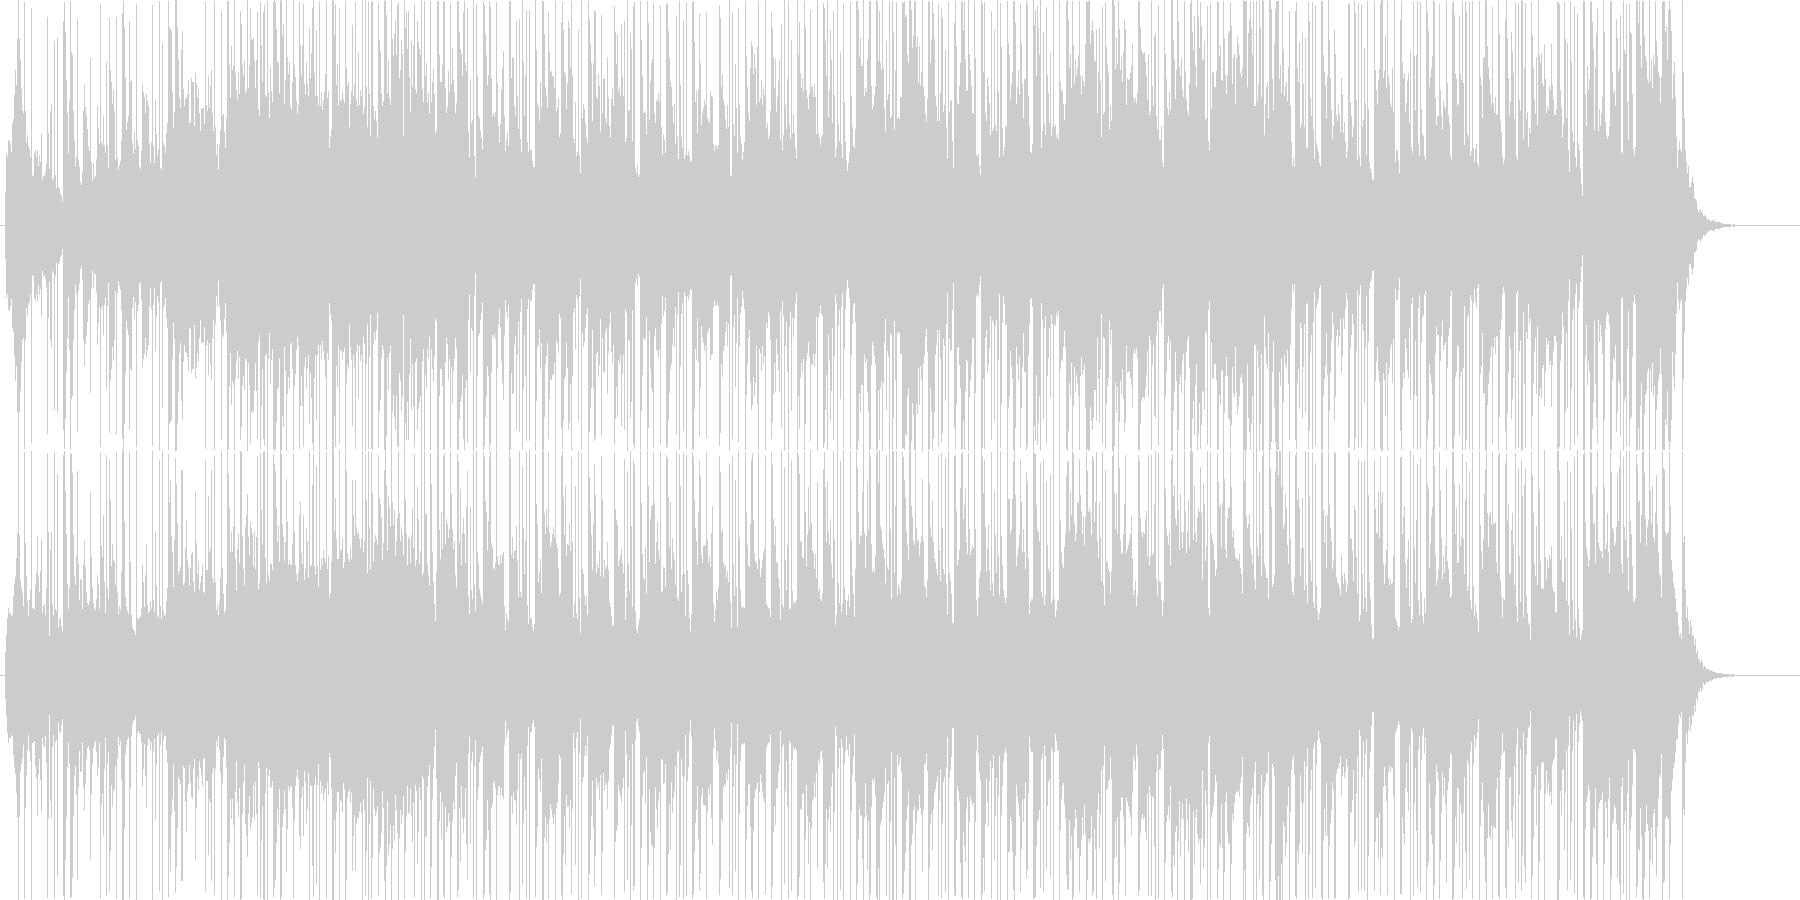 和楽器+ポップスアレンジで前向きな和風曲の未再生の波形